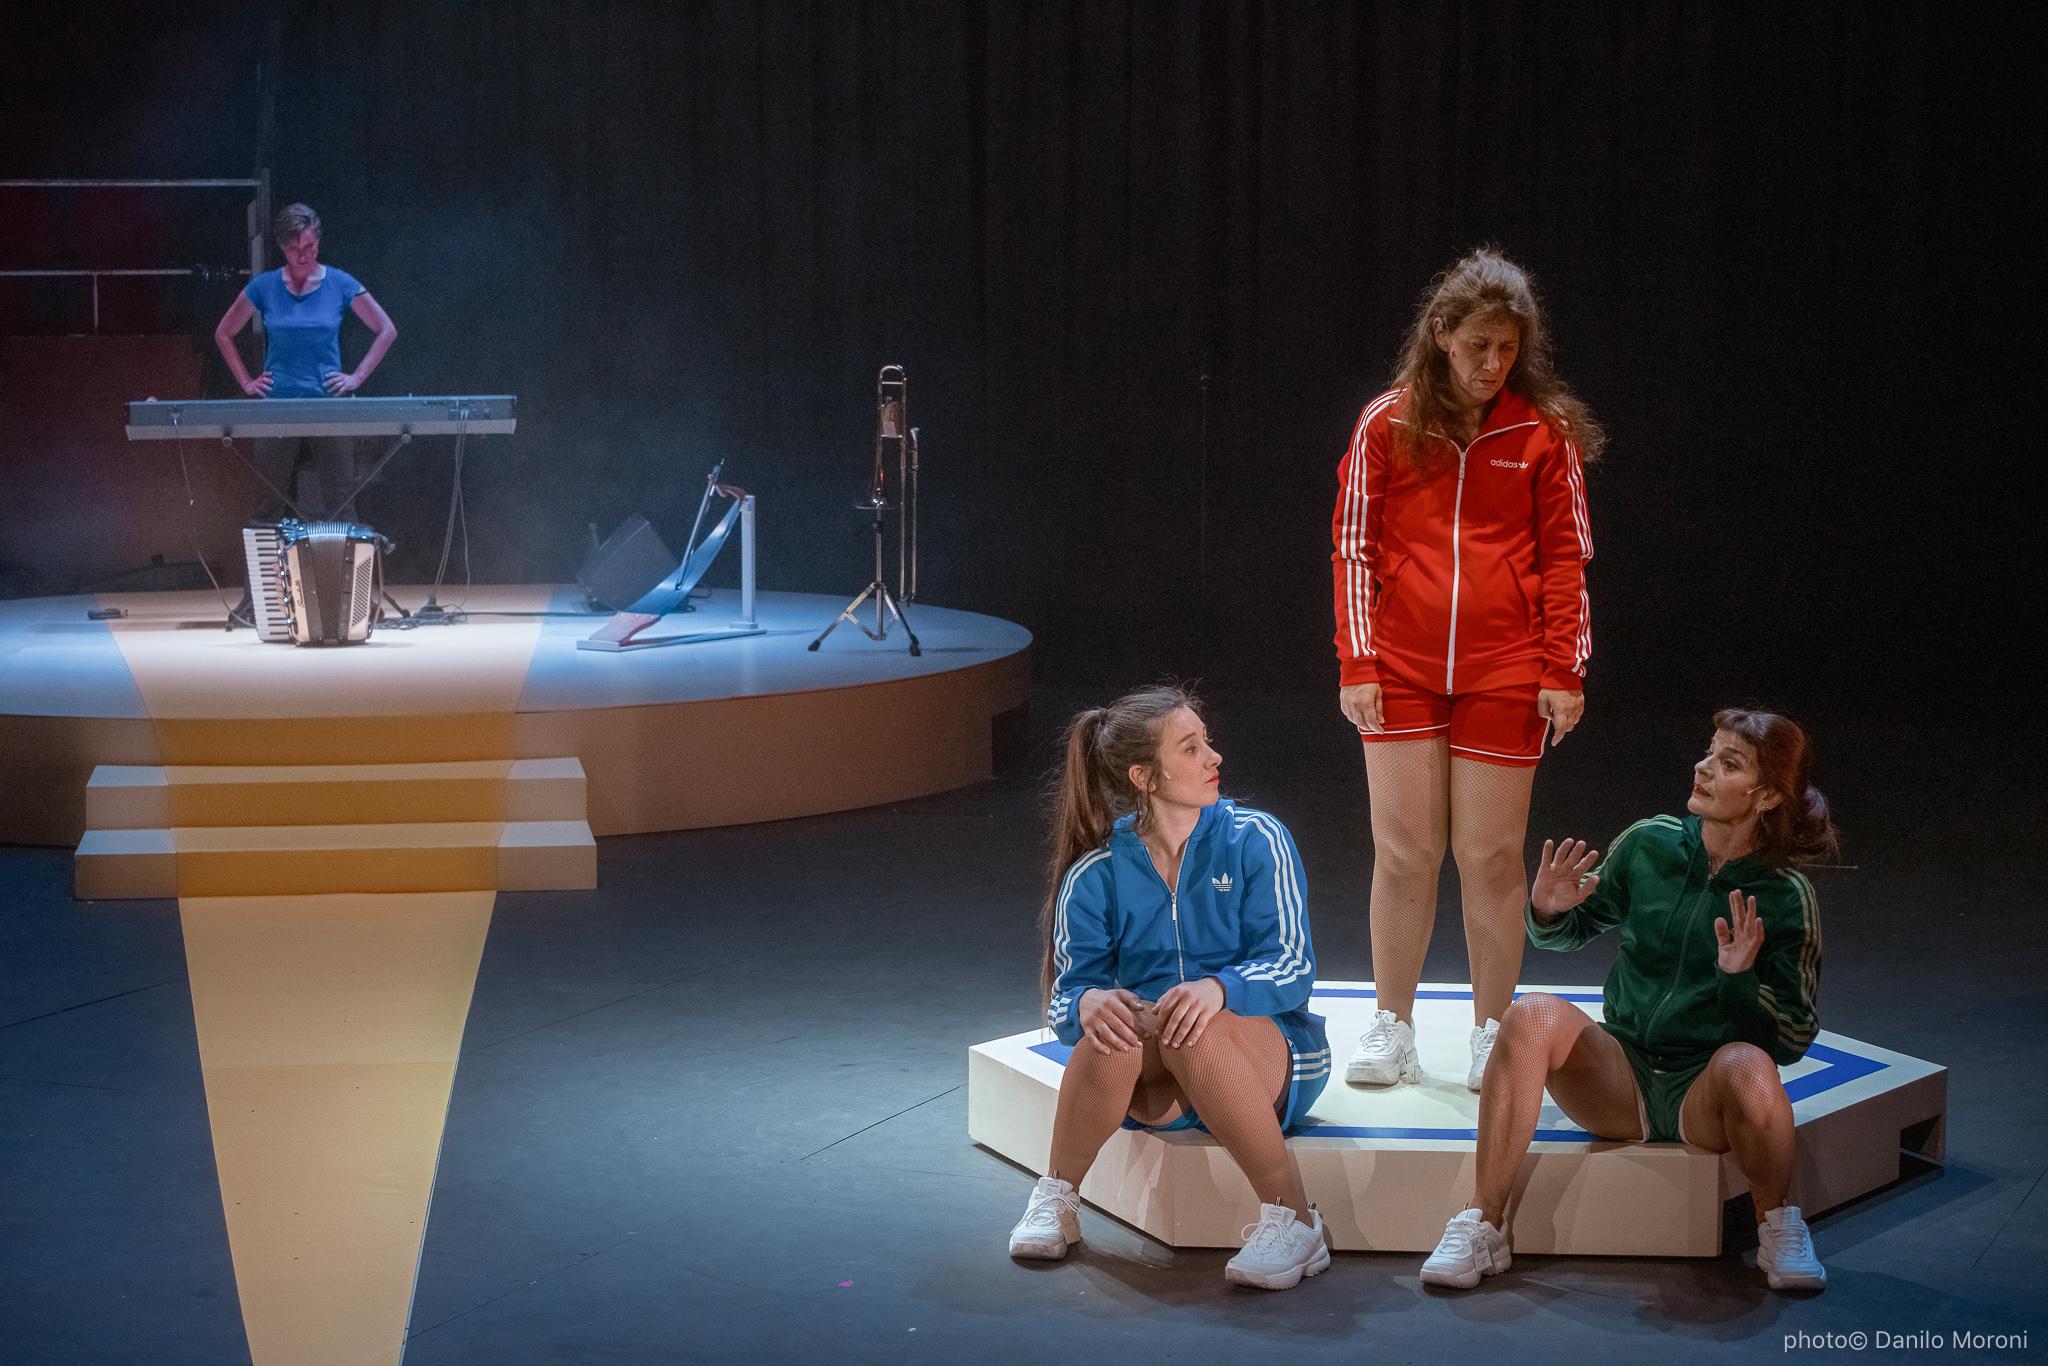 Teatro-en-vilo-Circo-Price-Miss-Mara-photo-Danilo-Moroni-245.jpg